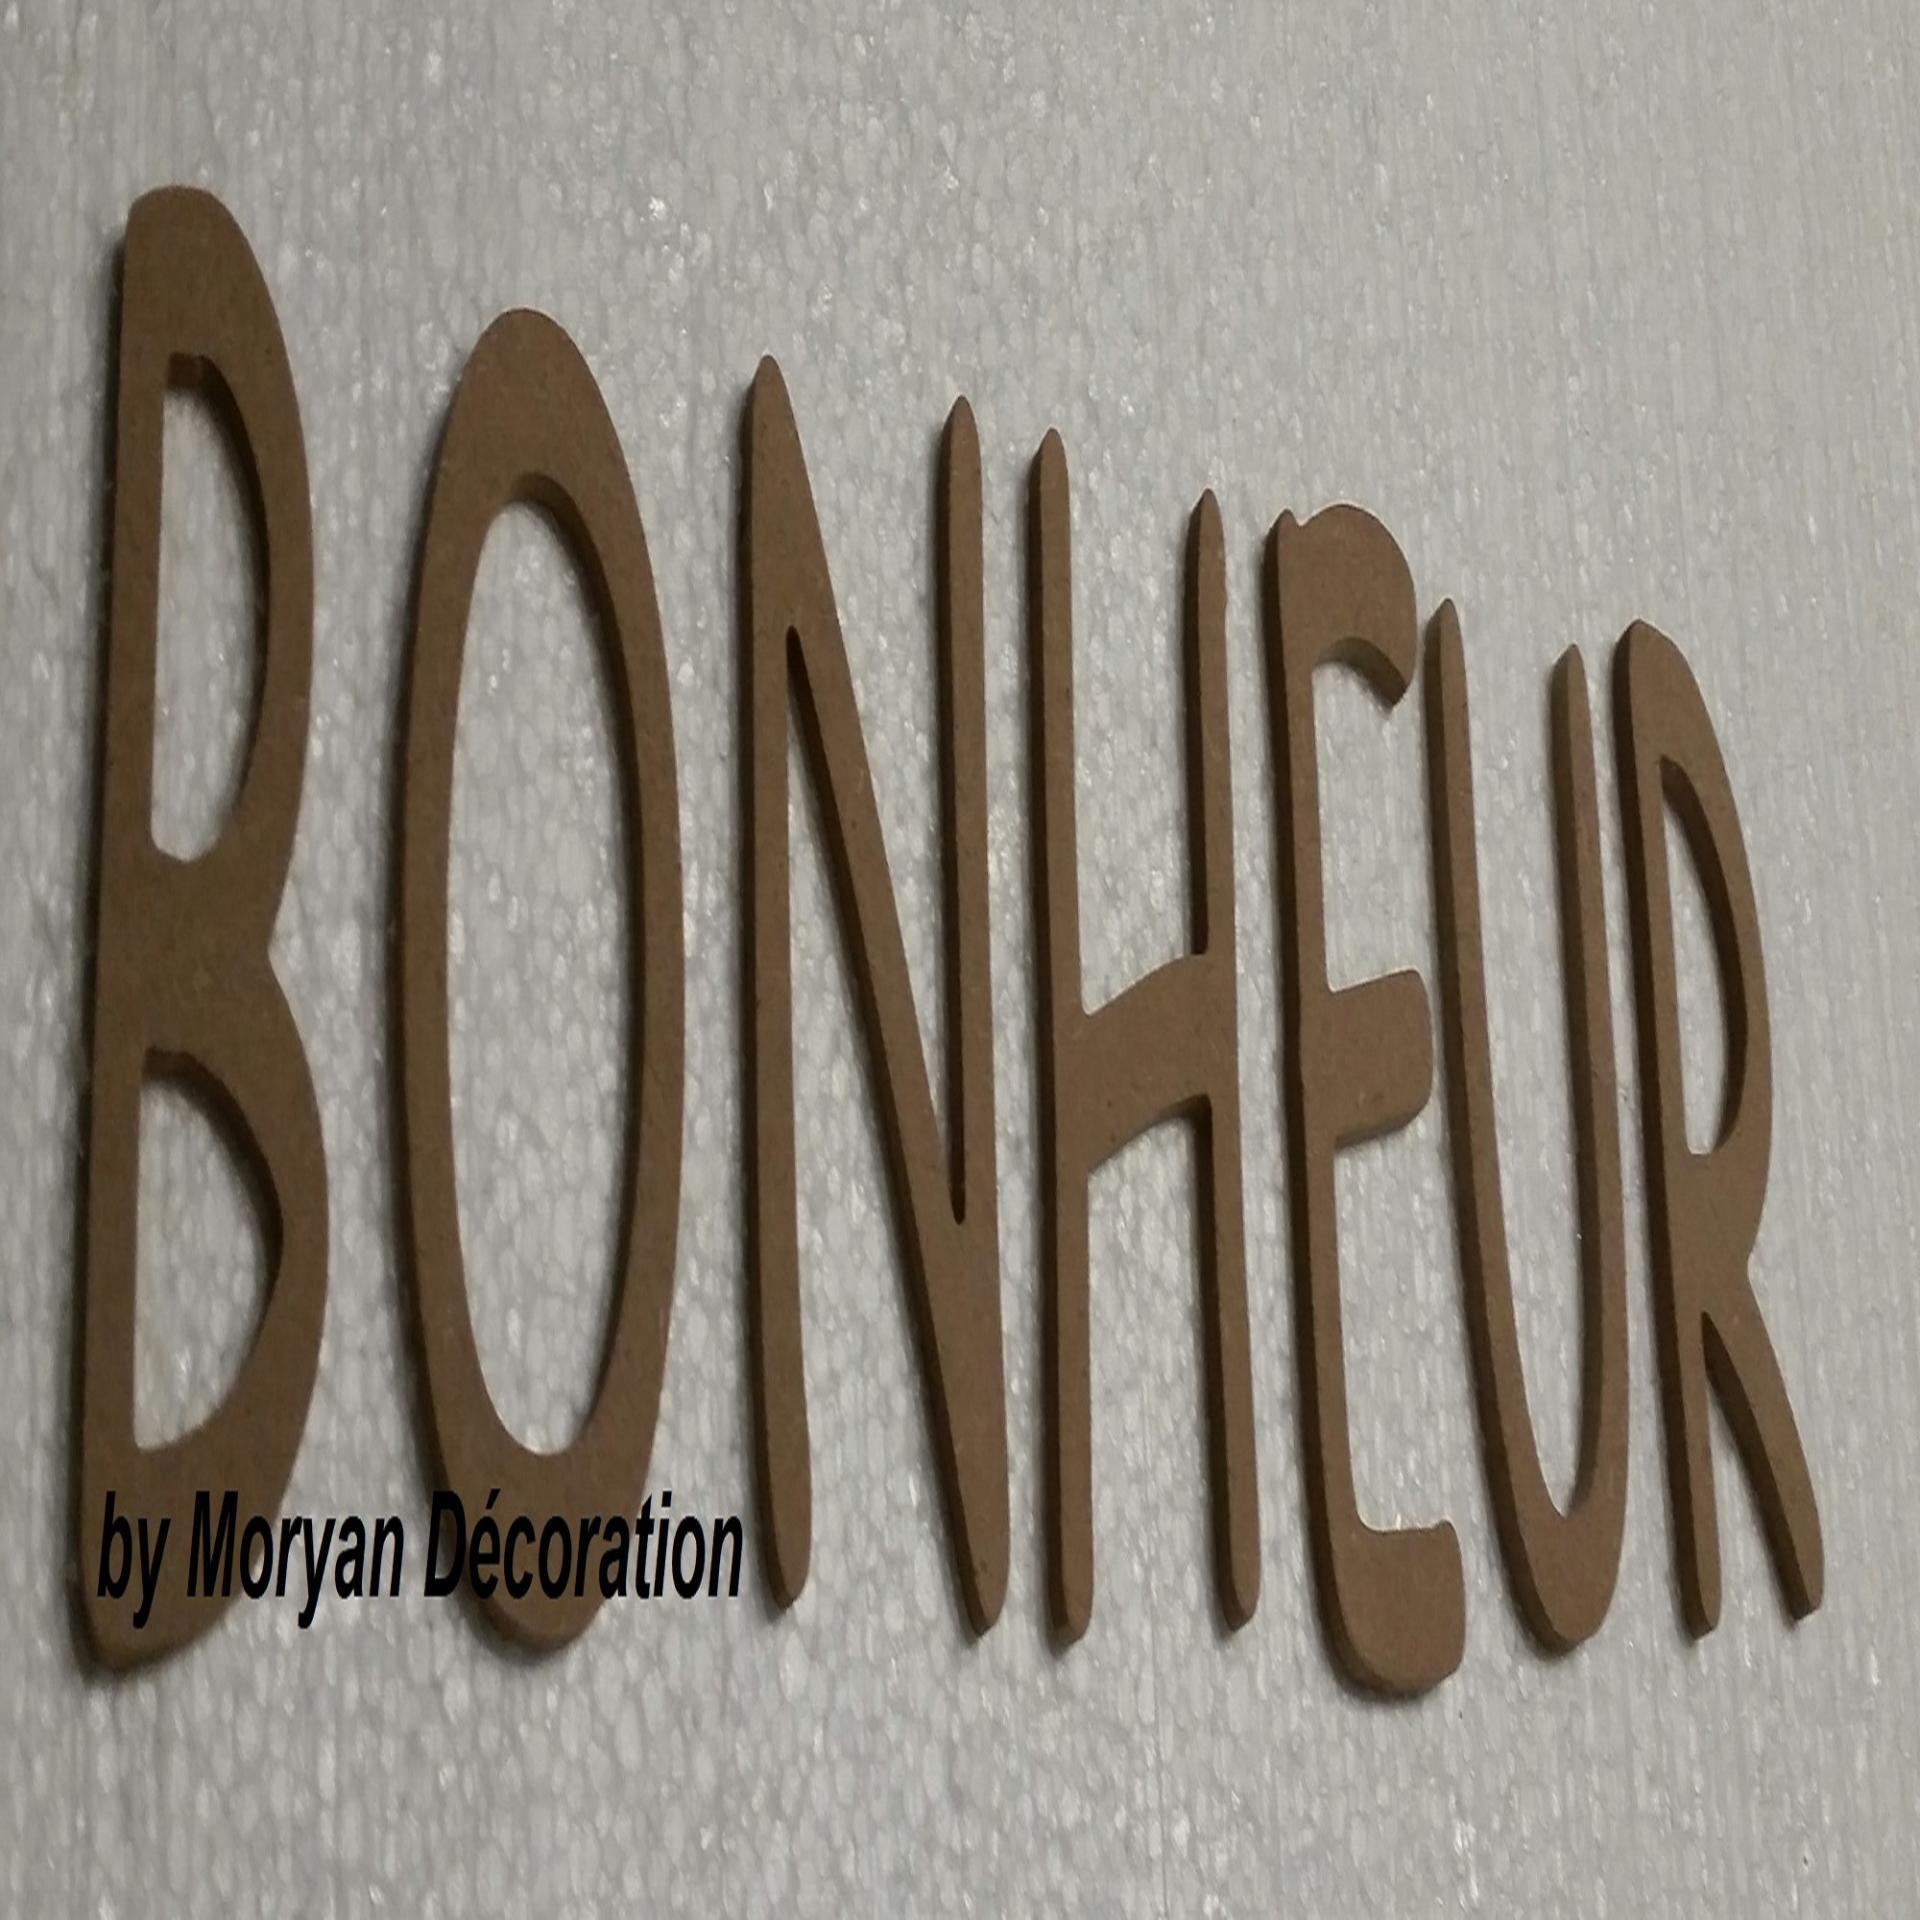 Lettres decoratives en bois a peindre ou a decorer bonheur